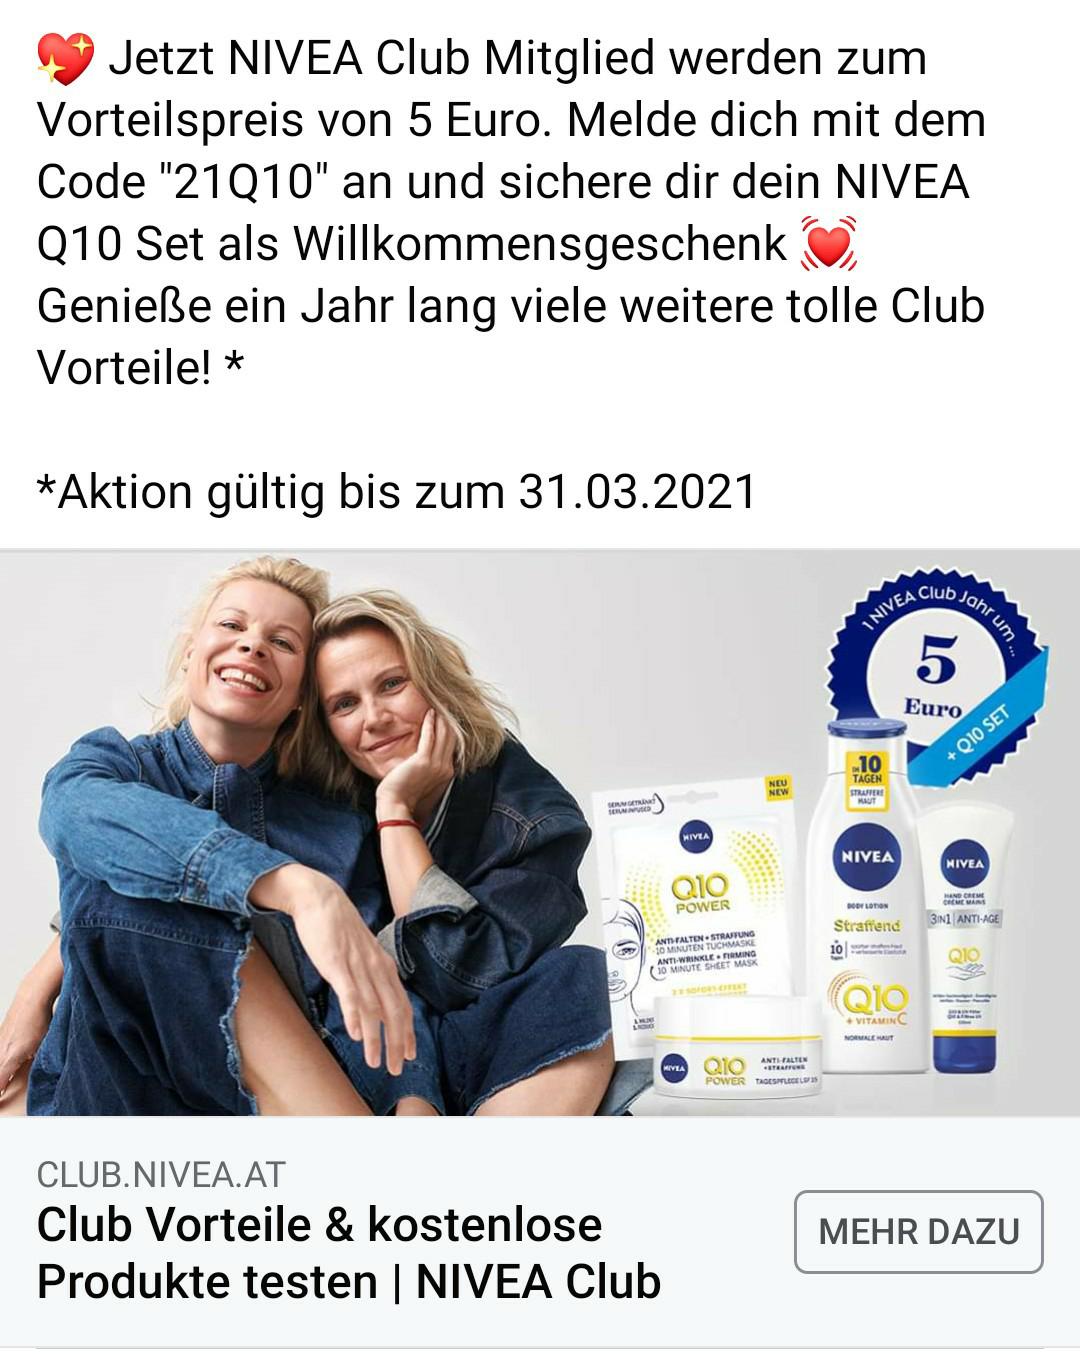 1 Jahr NIVEA Club Mitgliedschaft und Q10 Set um 5€